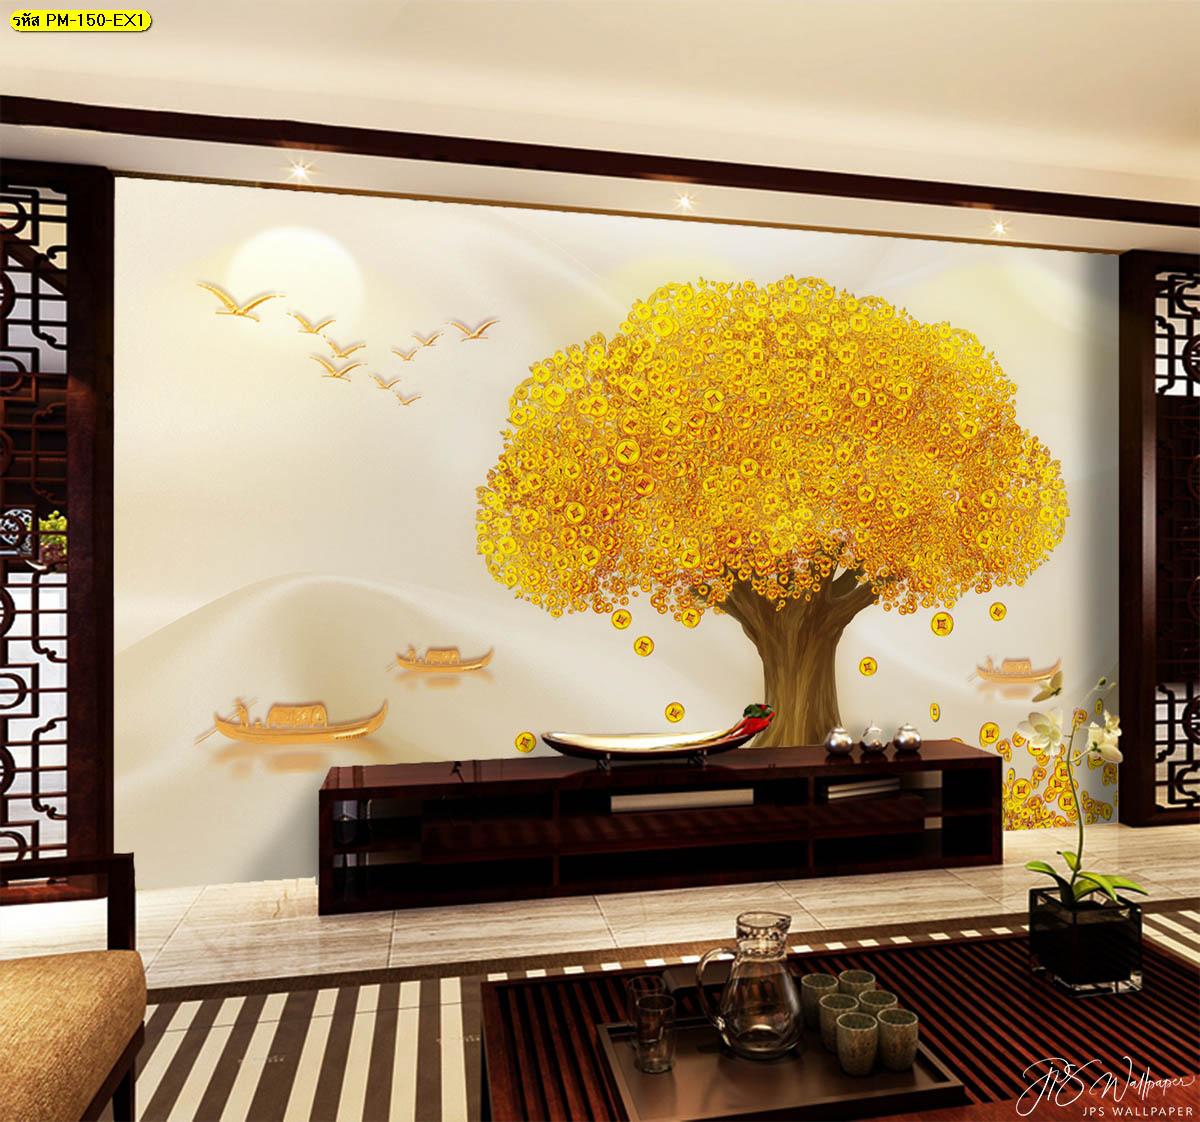 วอลเปเปอร์ต้นไม้ทอง วอลเปเปอร์มงคล แต่งห้องรับแขก ห้องรับแขกสไตล์จีน